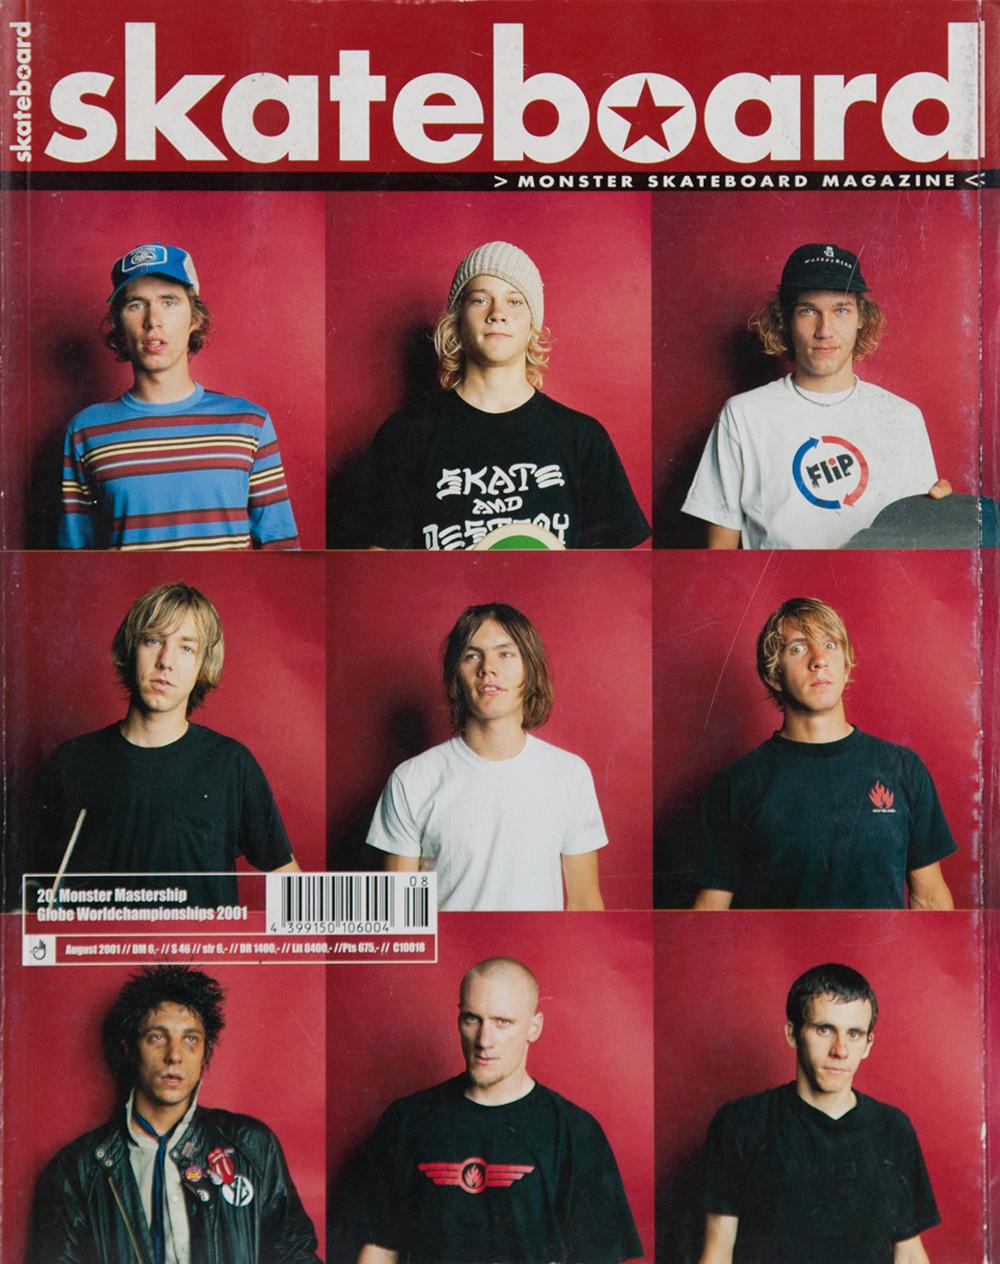 Zum Mastership 2001 hat Helge Tscharn das Who-is-Who der internationalen Skateelite vor den roten Teppich gebeten. Bestes Bild dabei wohl das vom verbeulten Jim Greco.